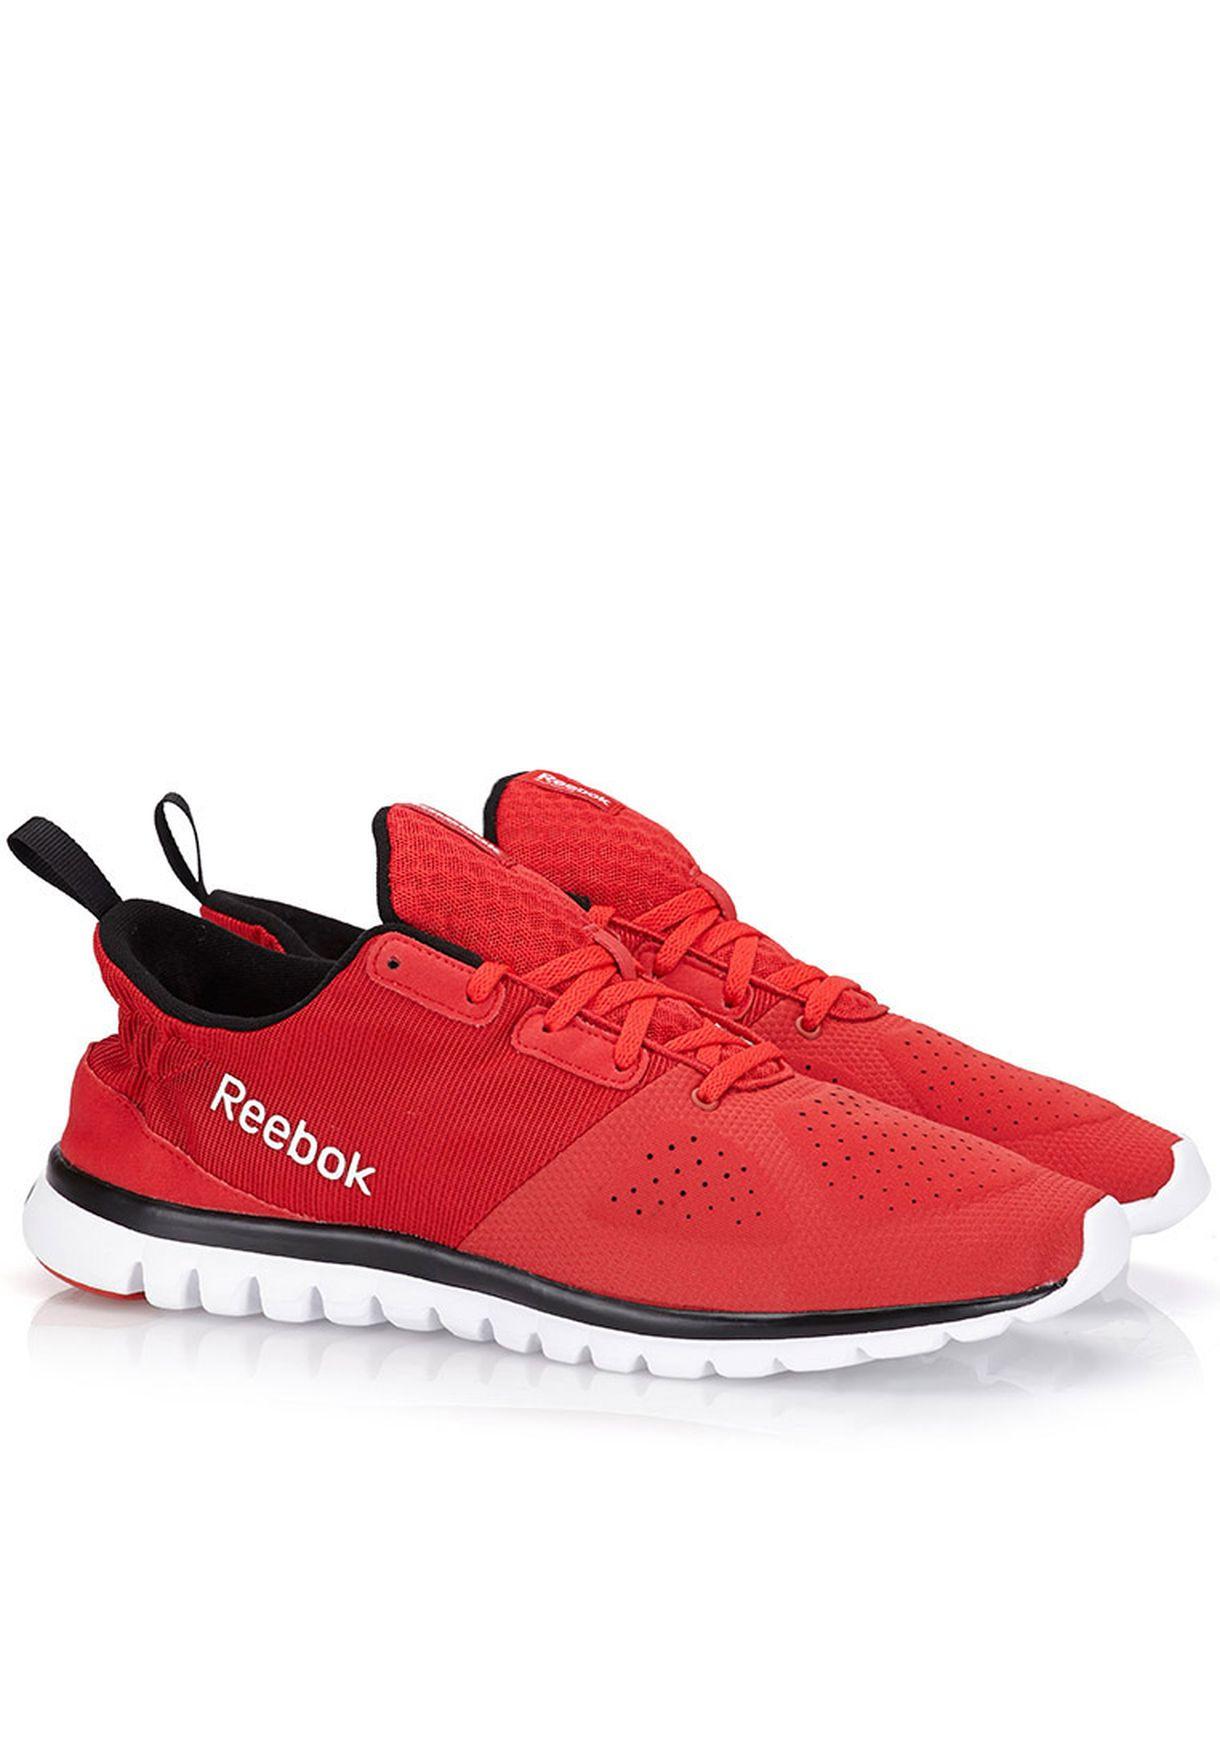 ed803aefe4b Shop Reebok red Sublite Aim M45479 for Men in UAE - RE019SH25JPU